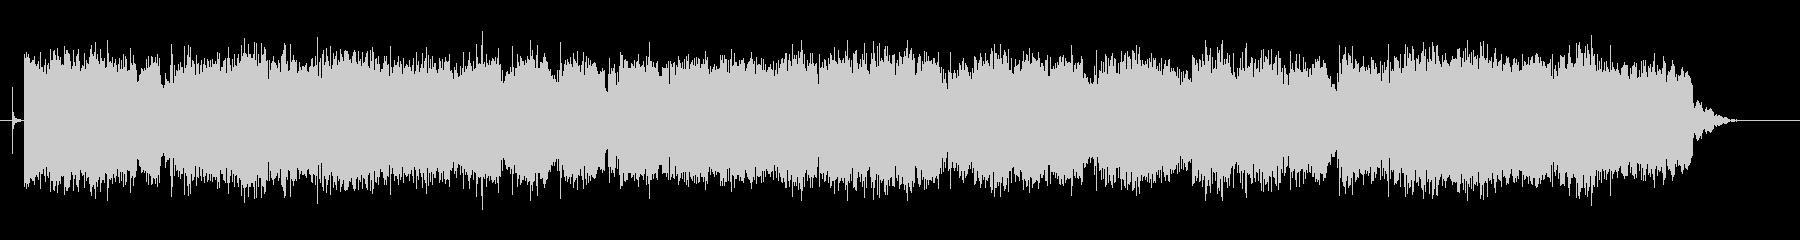 ノスタルジックな中国風BGM2の未再生の波形